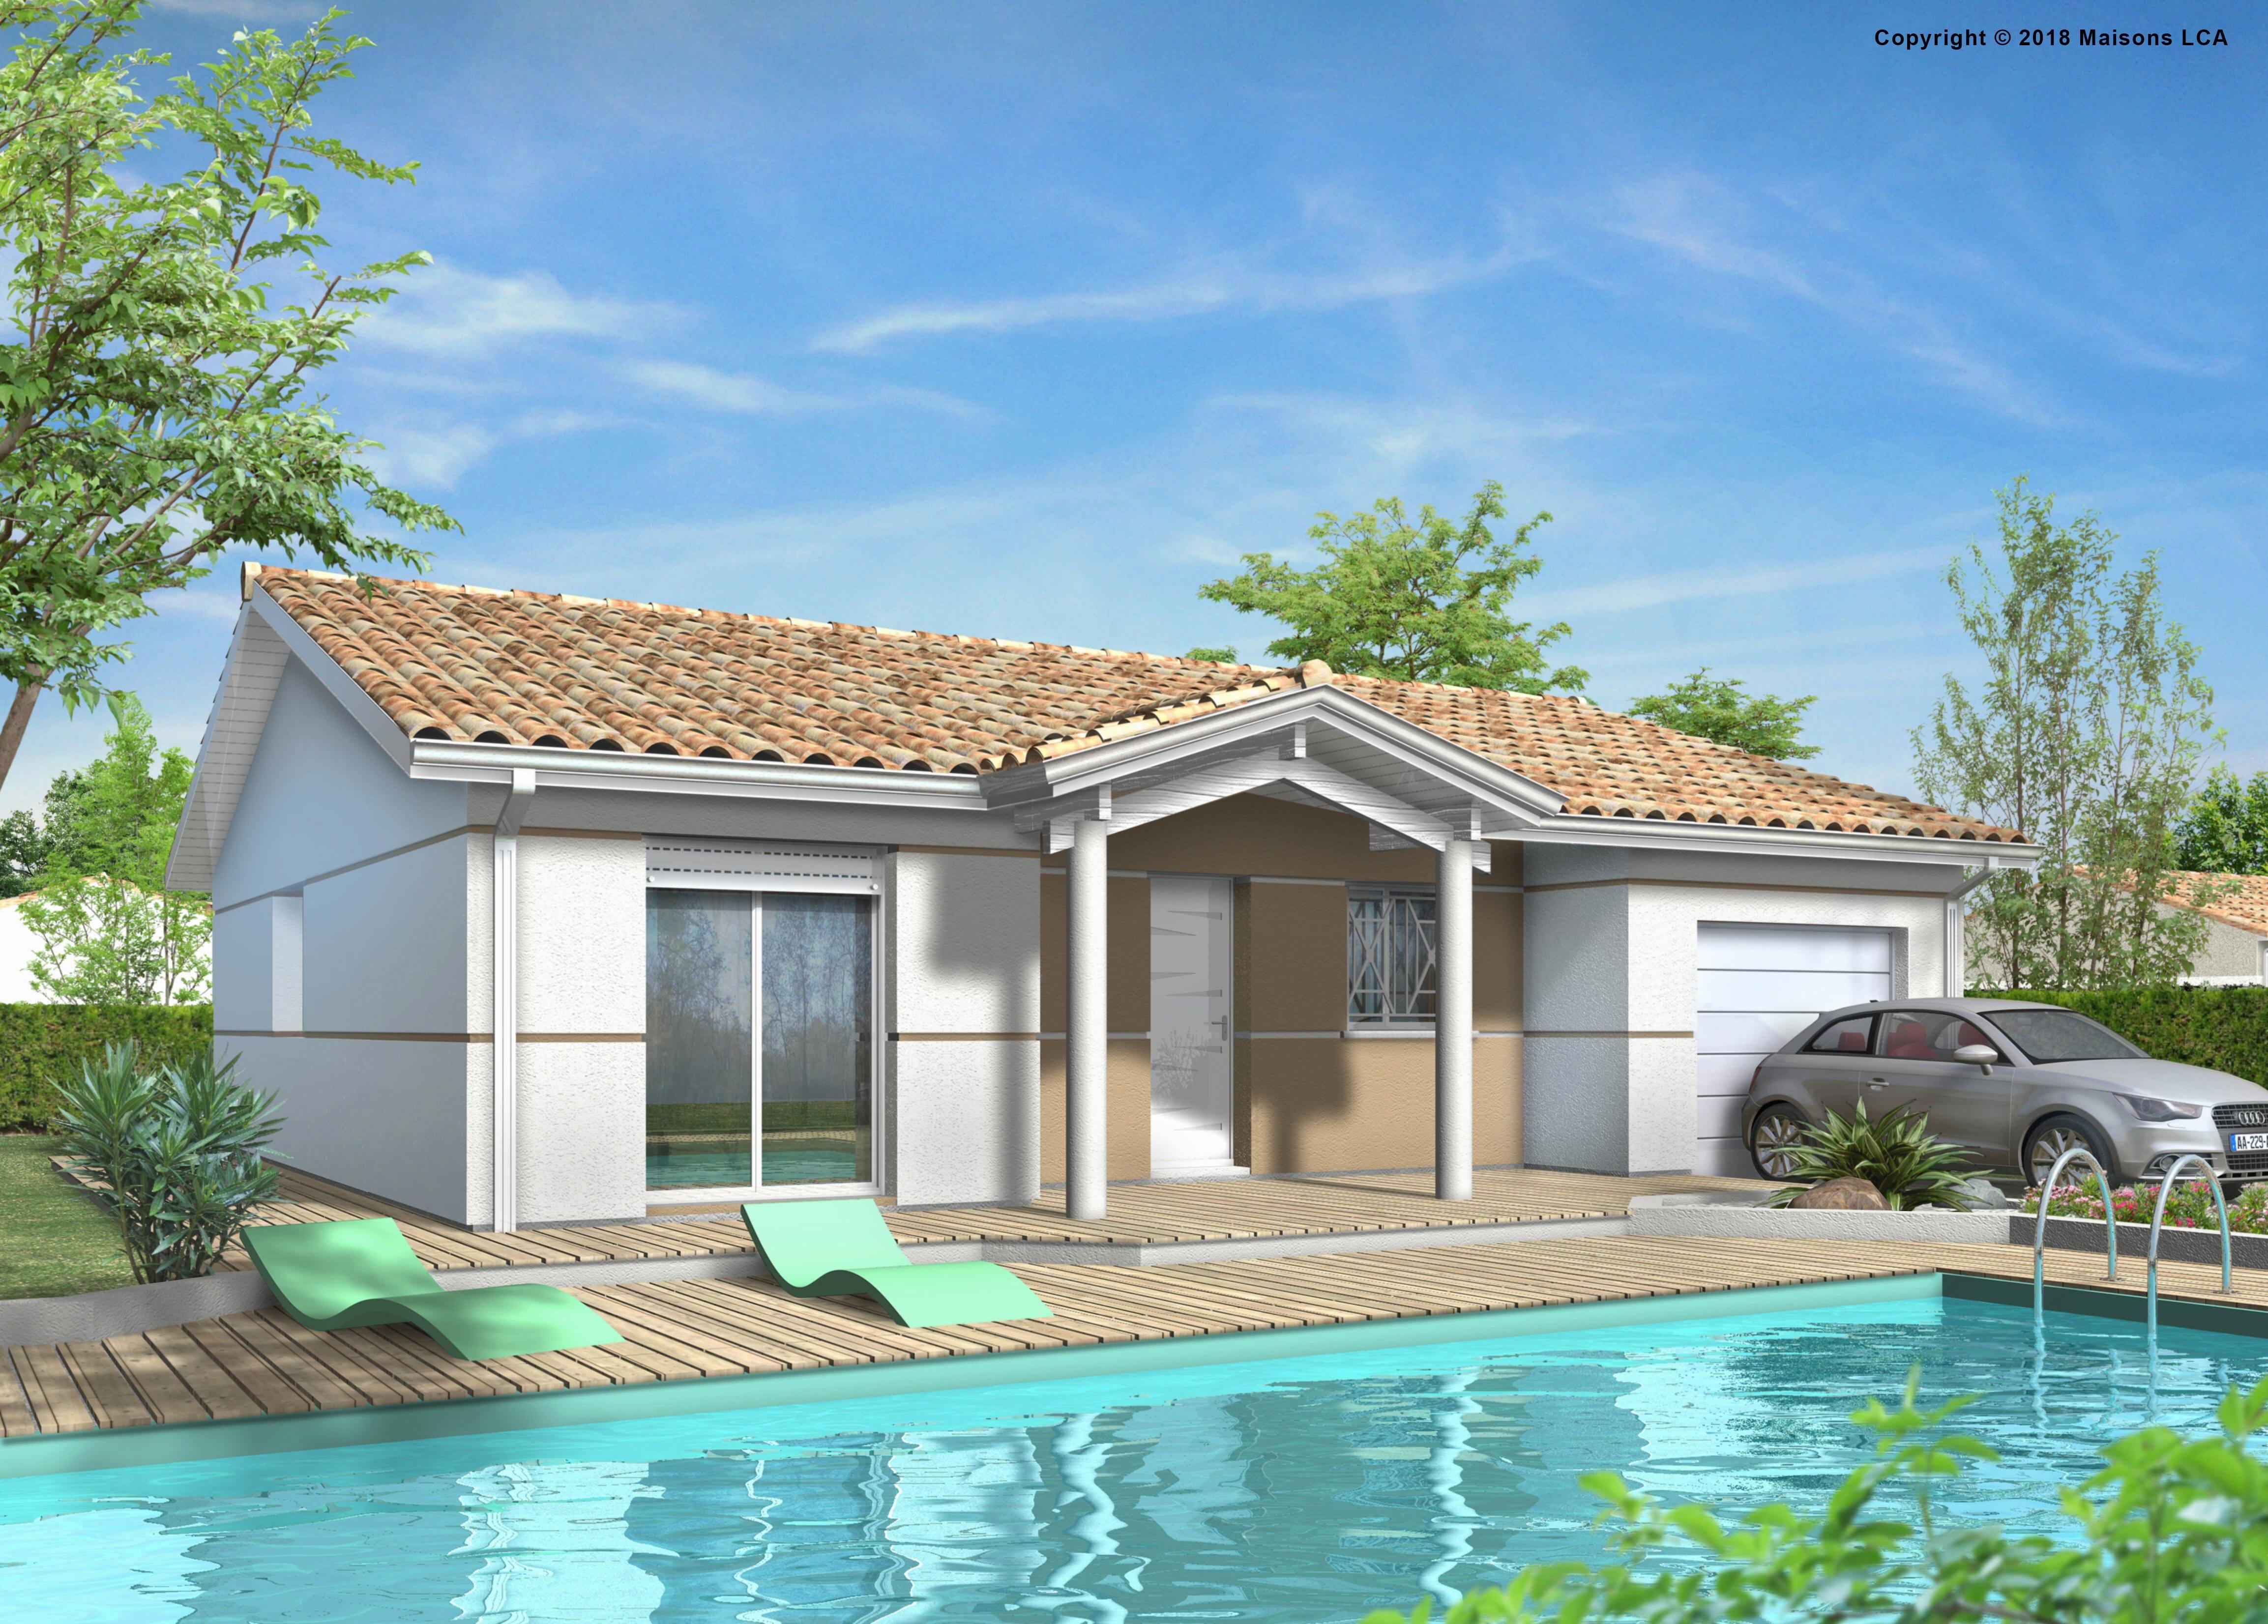 Maisons + Terrains du constructeur LCA MONT DE MARSAN • 87 m² • UCHACQ ET PARENTIS